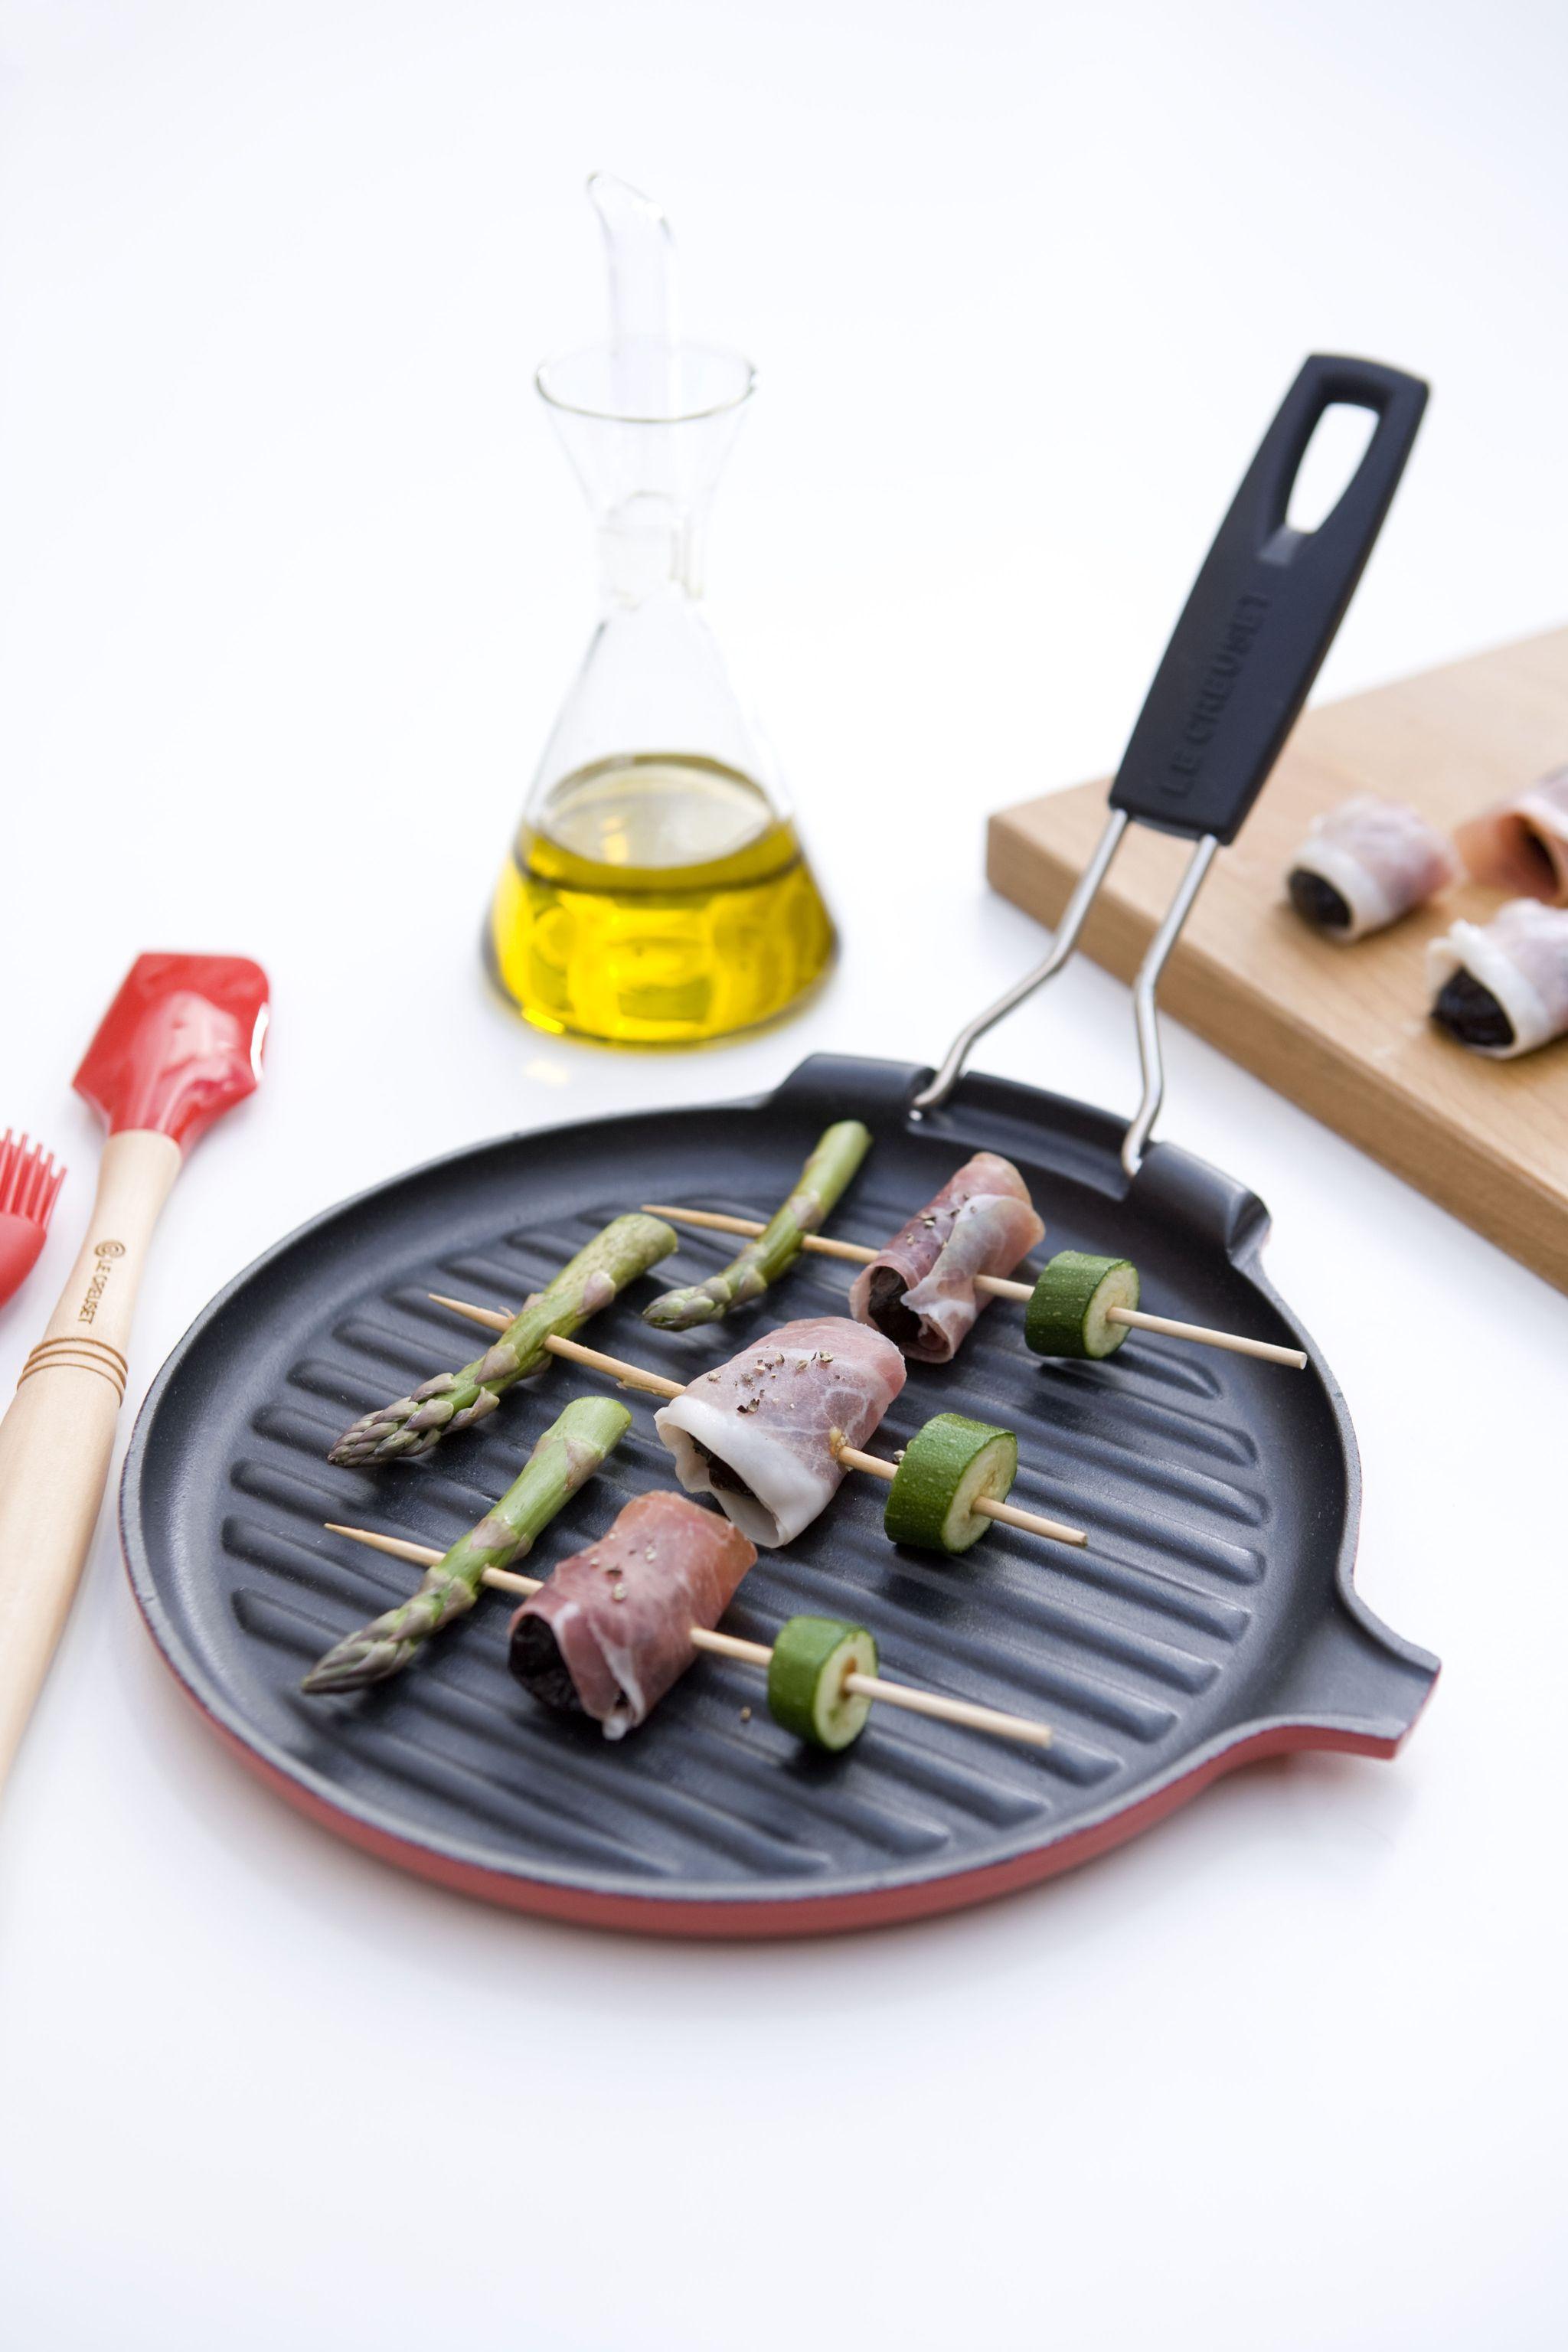 Bistecchiera rotonda in ghisa smaltata colore rosso, Spatola e Pennello PRO in silicone colore rosso @LeCreusetItalia #grill #bistecchiera #red #rosso #ghisa #silicone #food #grigliata